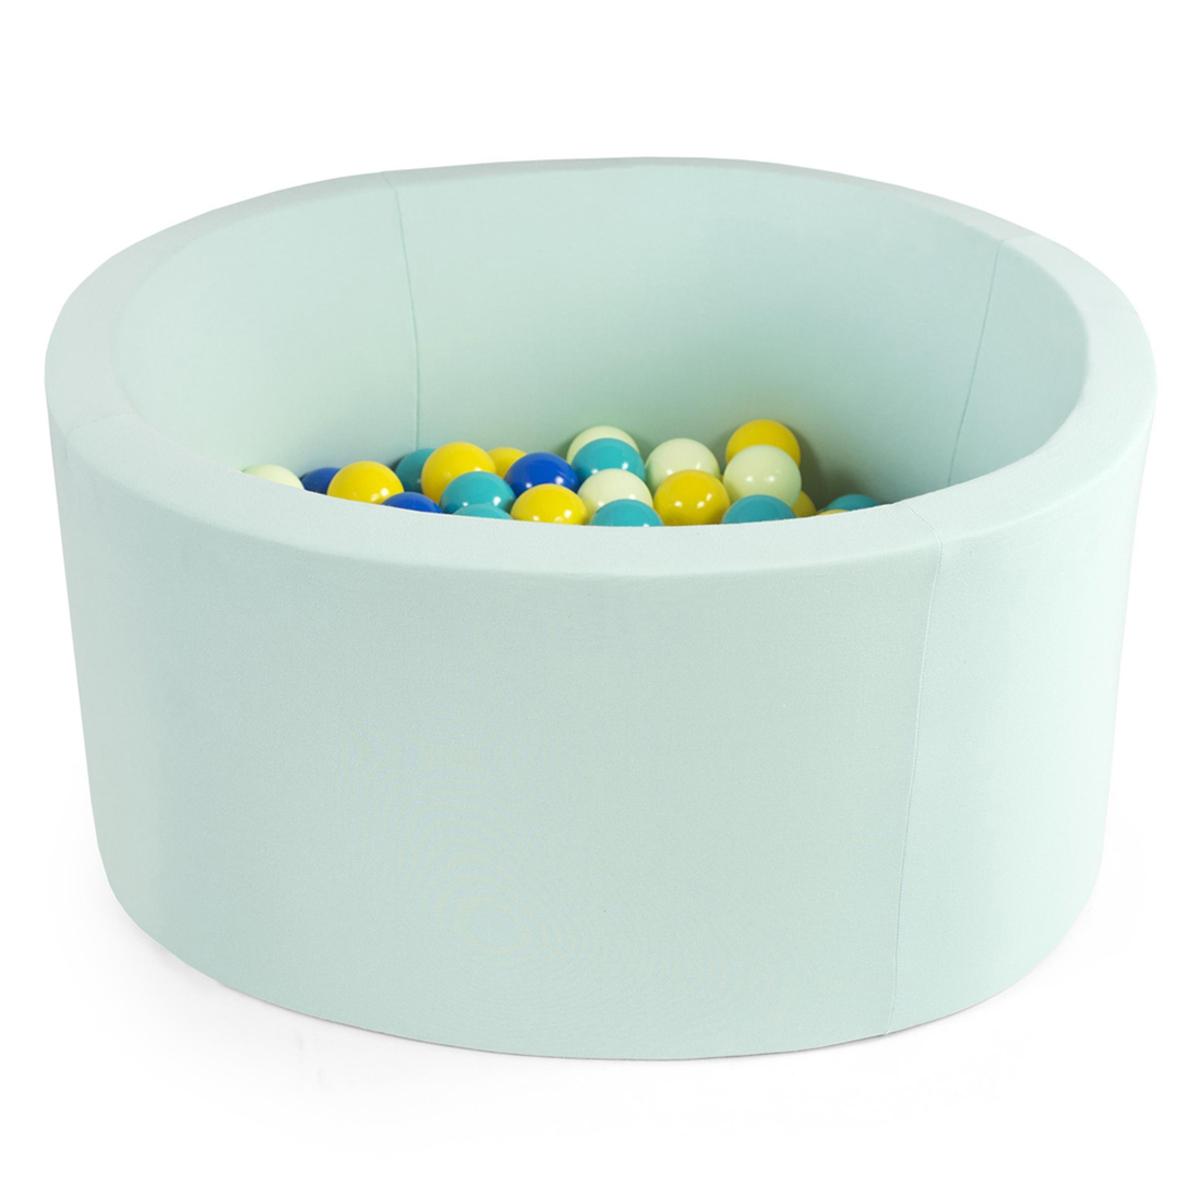 Mes premiers jouets Piscine à Balles Ronde Menthe 100 x 40 cm + 400 Balles Piscine à Balles Ronde Menthe 100 x 40 cm + 400 Balles